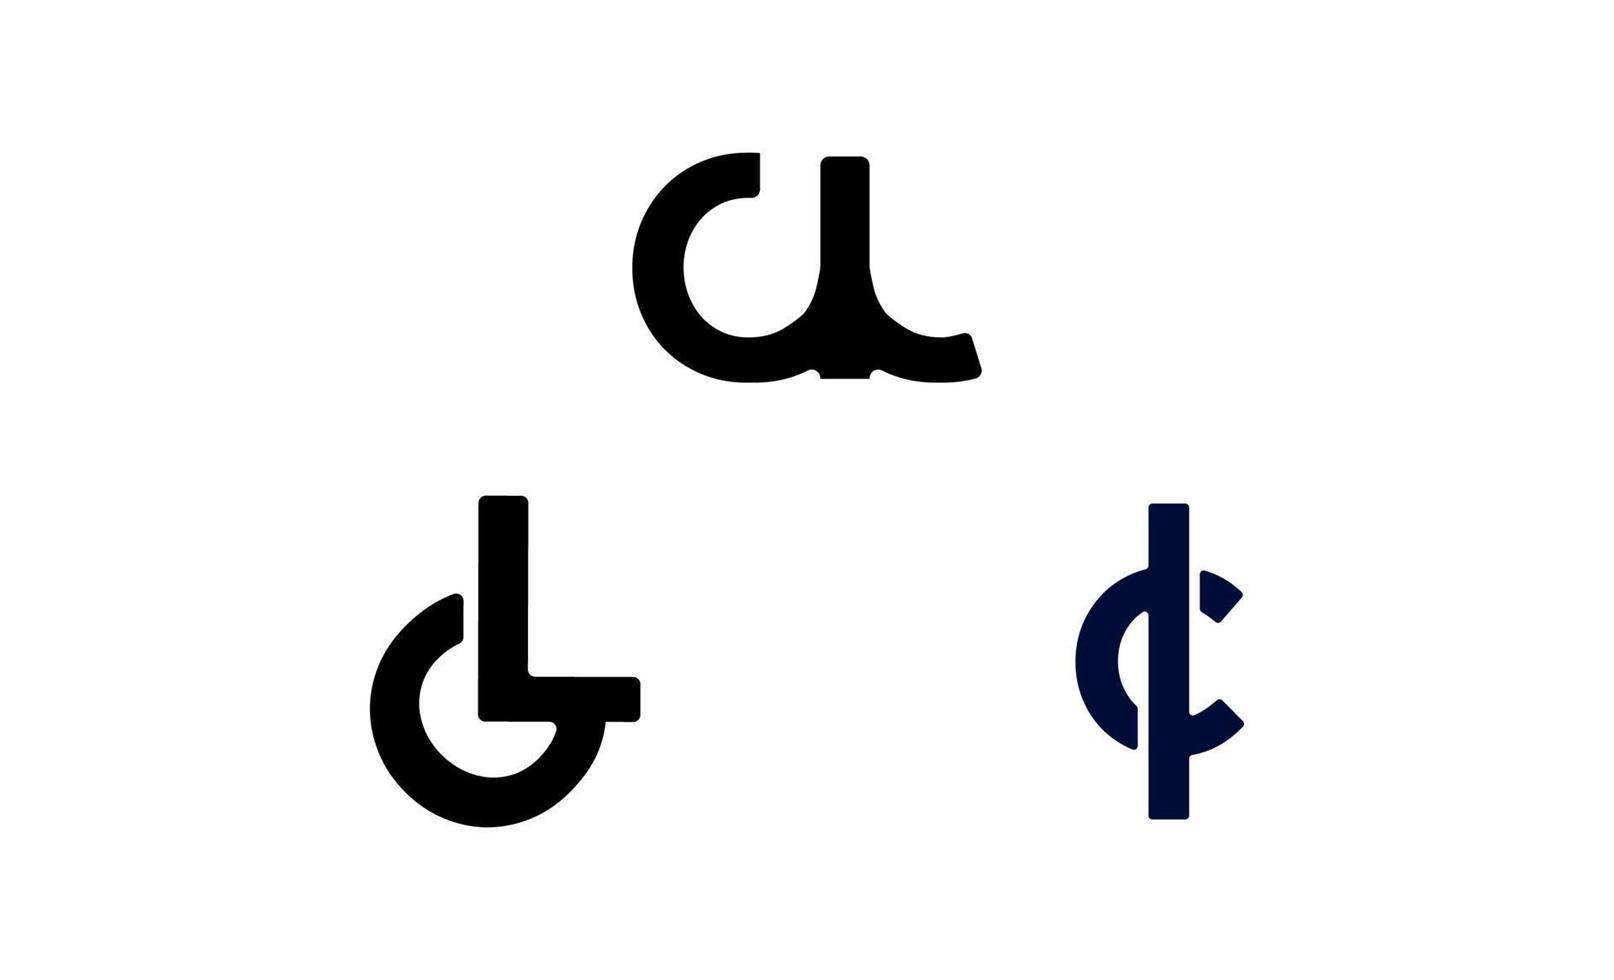 beginletter cl, lc logo ontwerpsjabloon vector